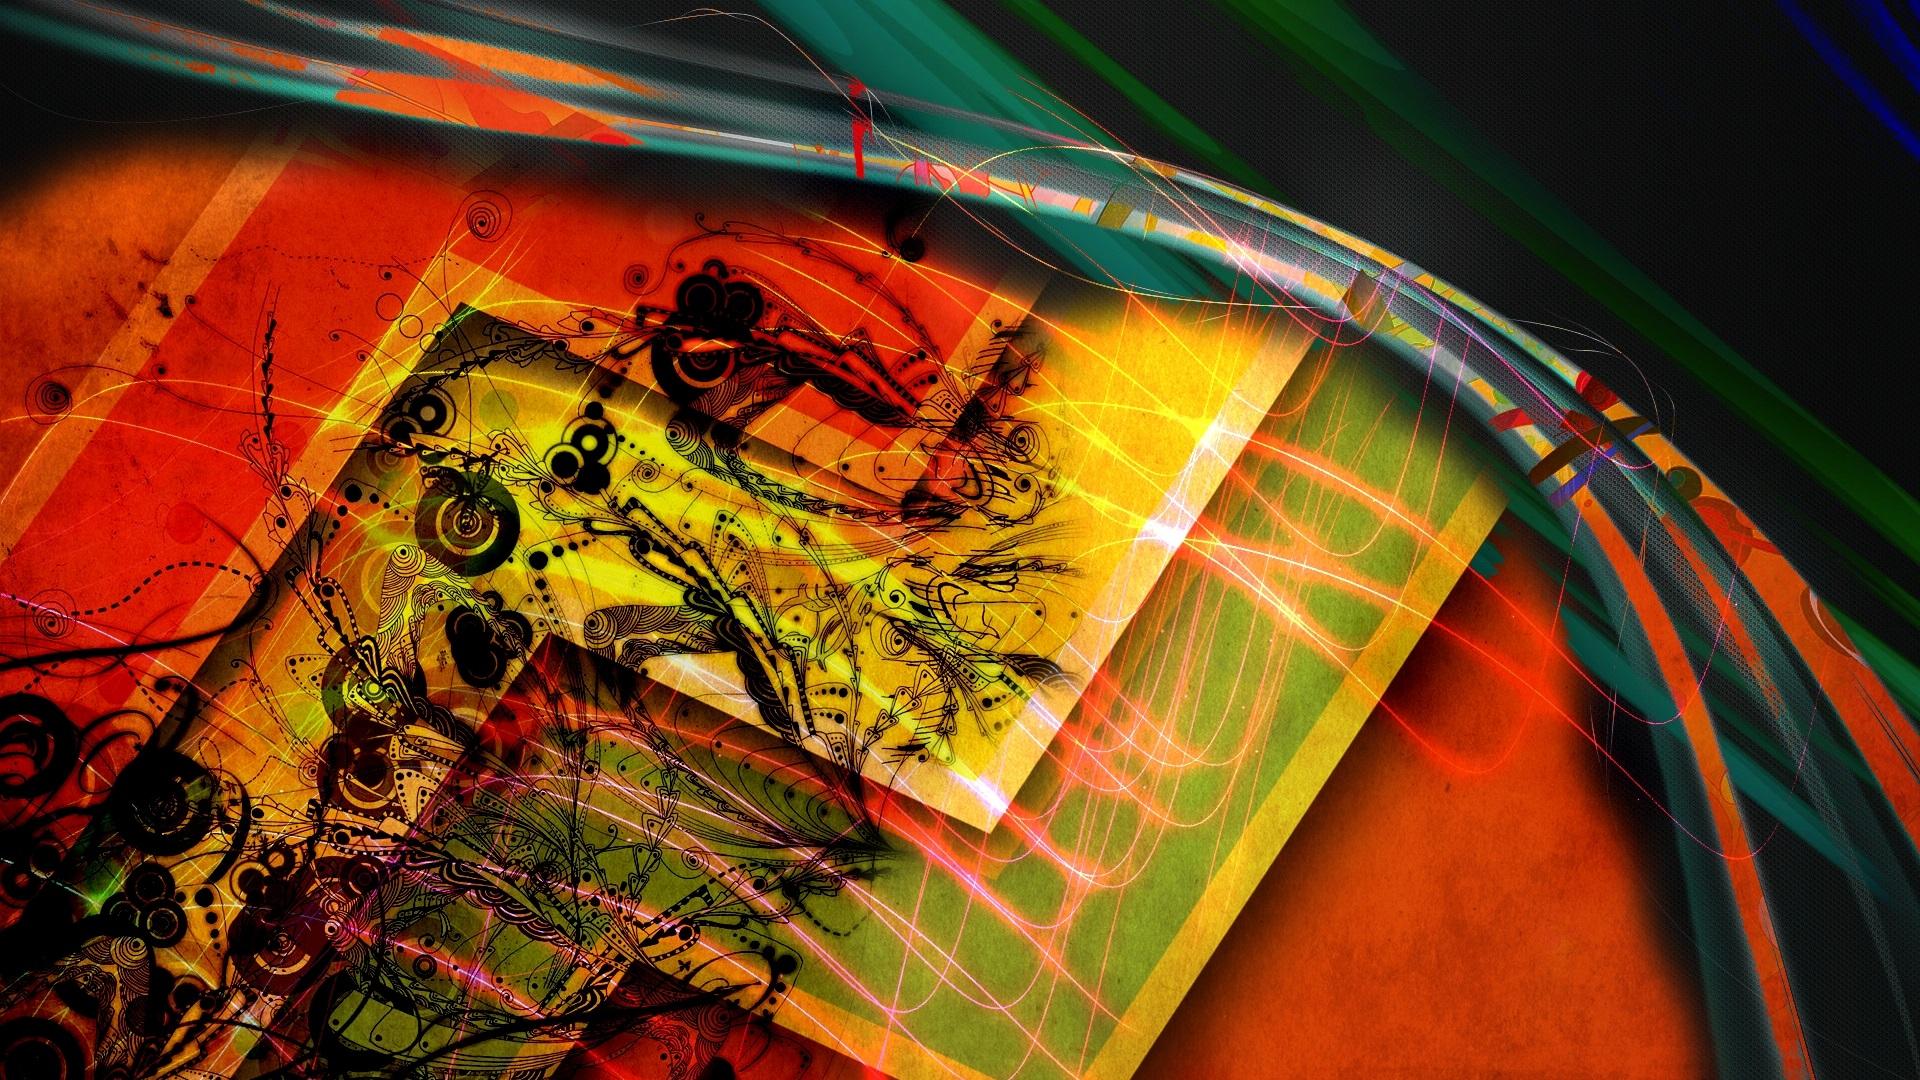 1920x1080 Abstracto Full Hd 1920x1080: Rayas Coloridas, Líneas, Imagen Abstracta Fondos De